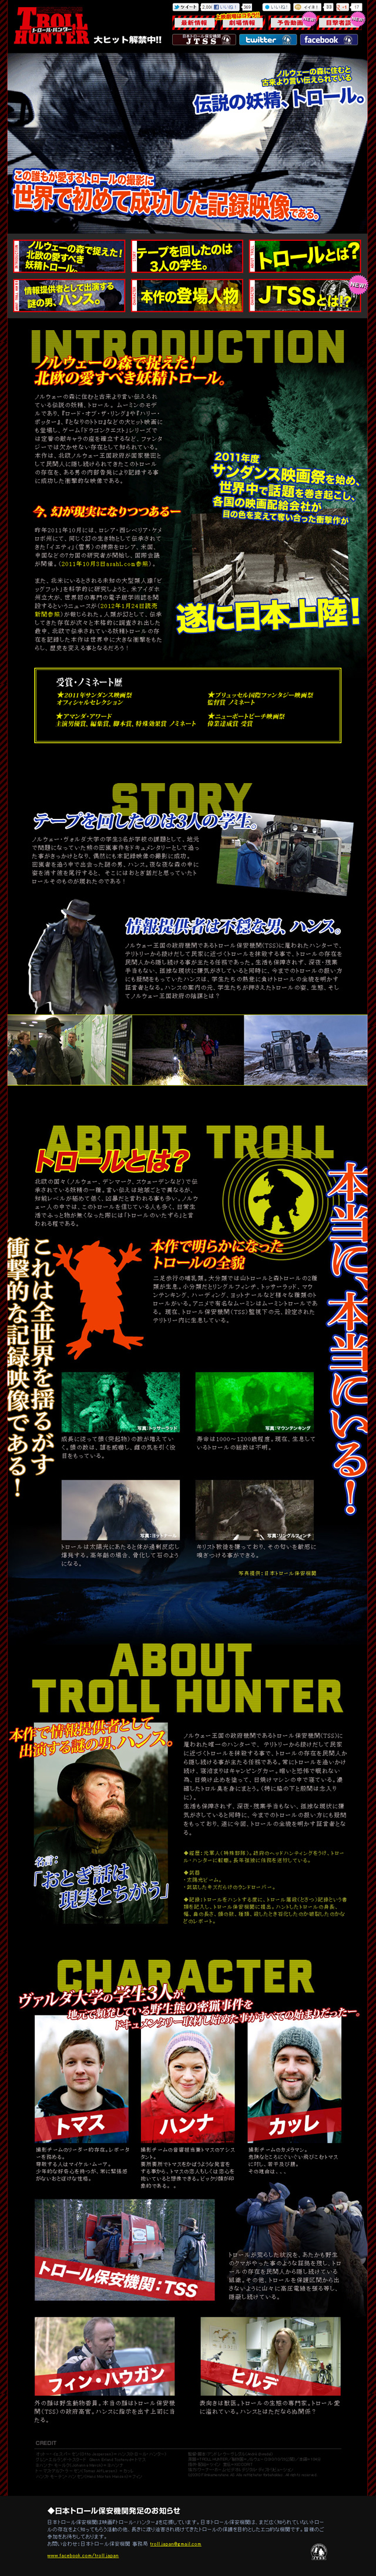 映画「トロール・ハンター」公式サイト